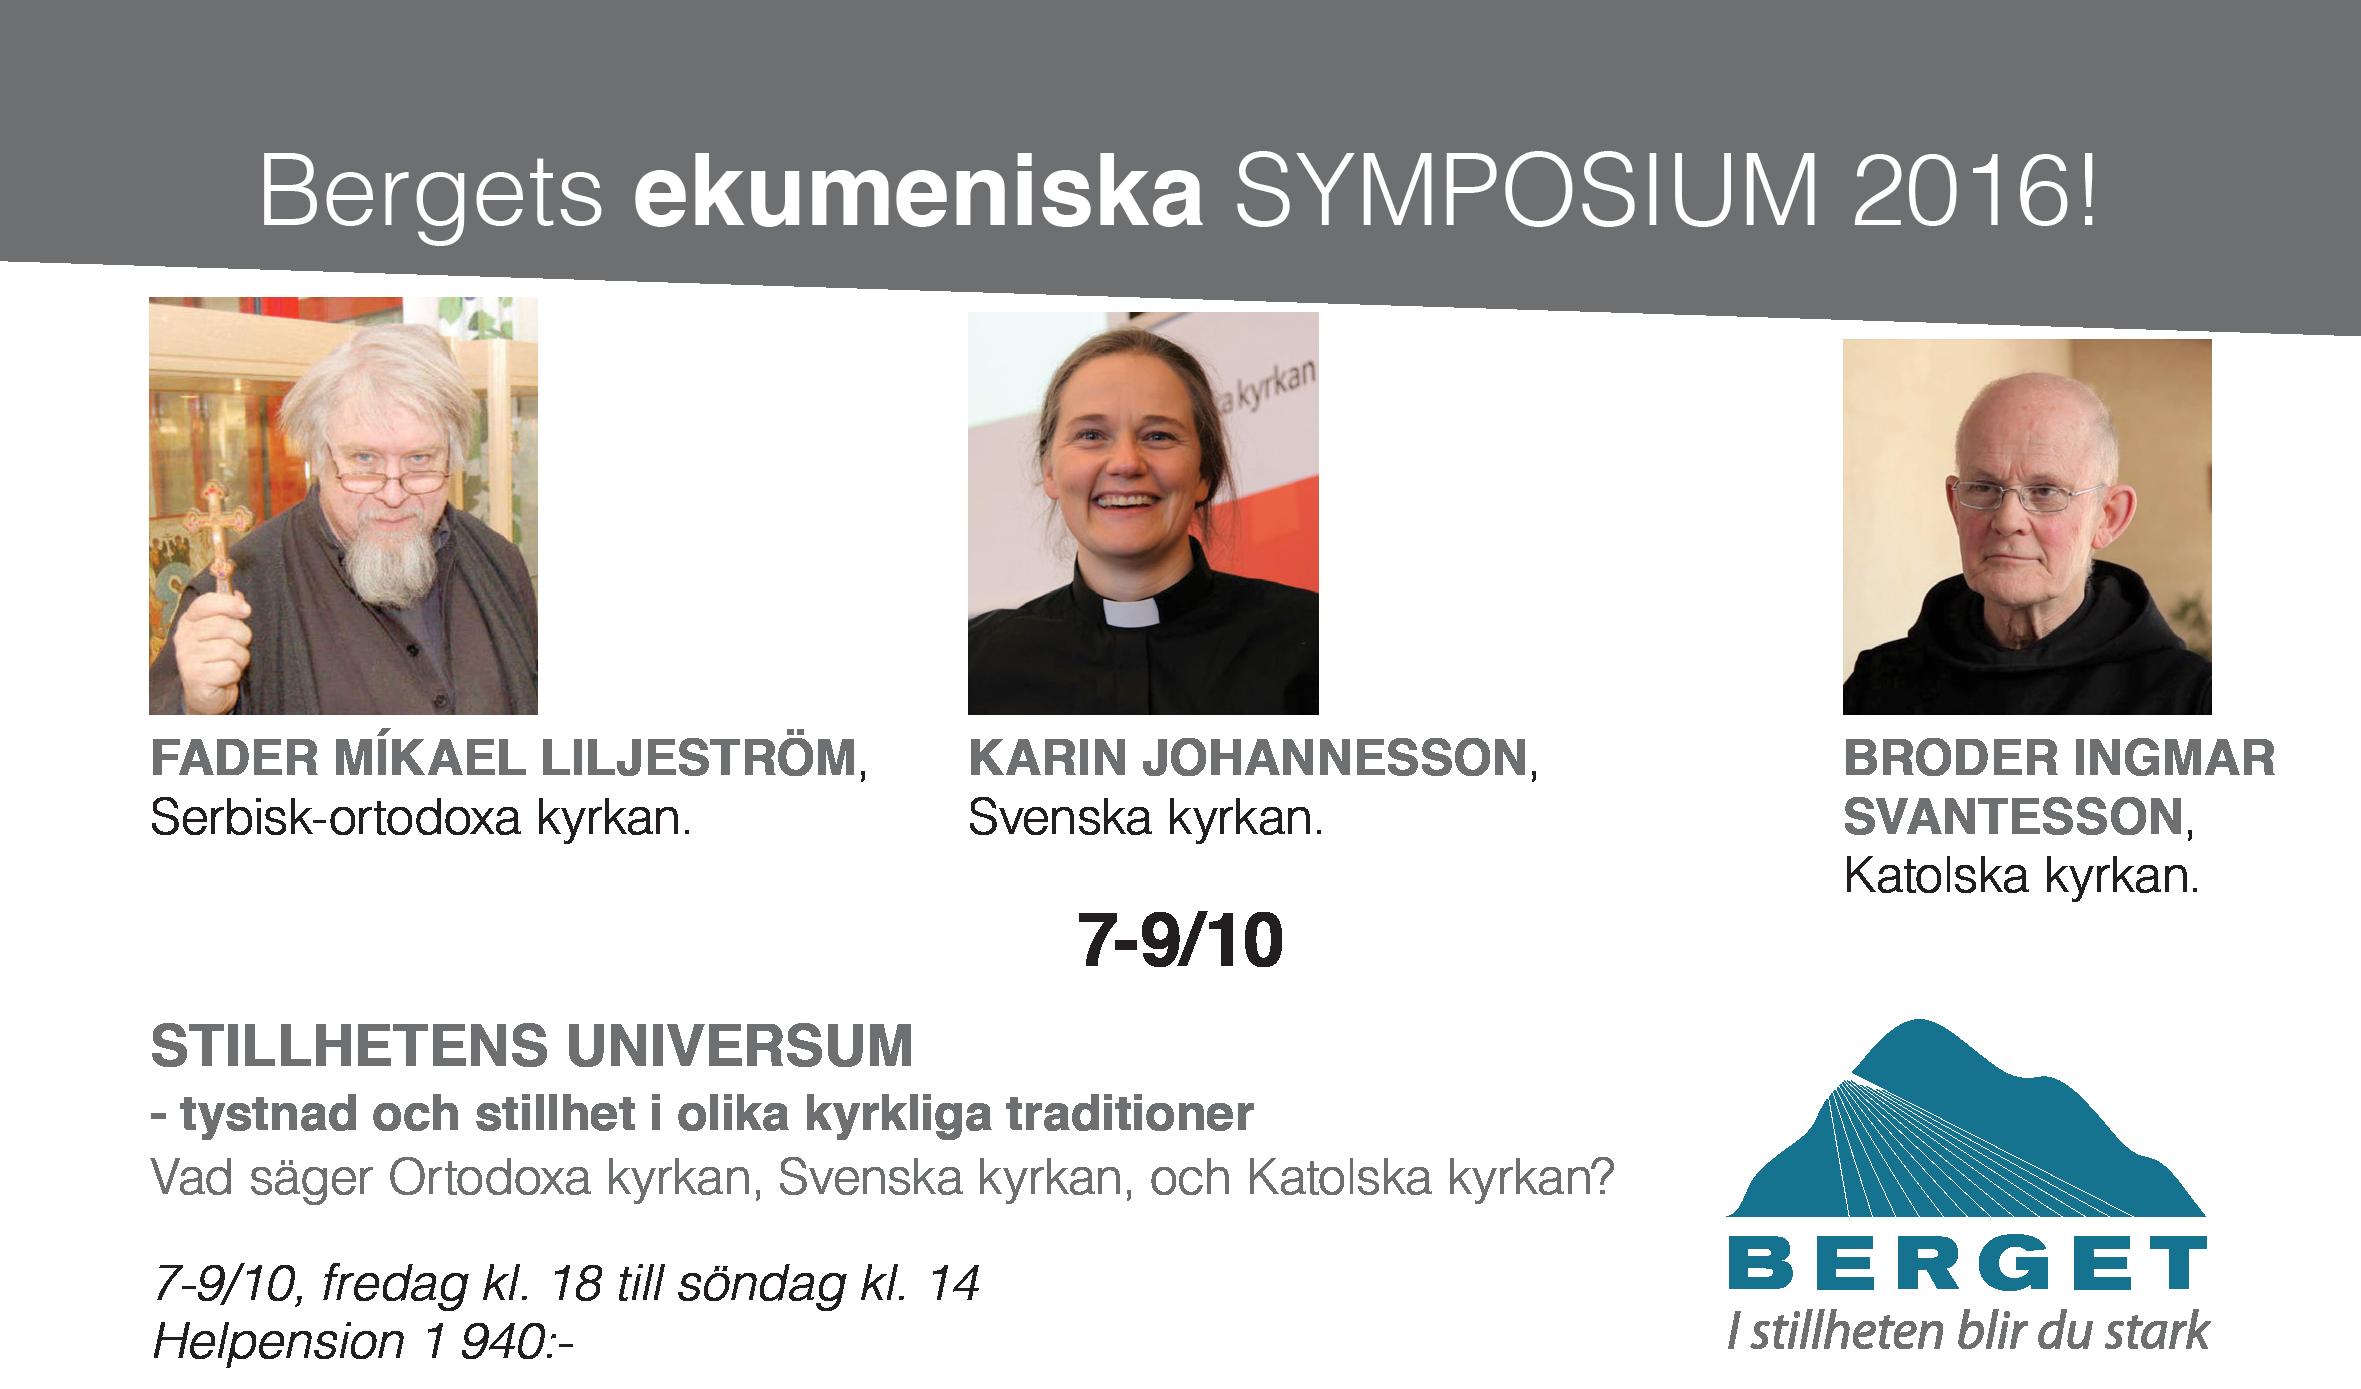 Ekumeniskt symposium